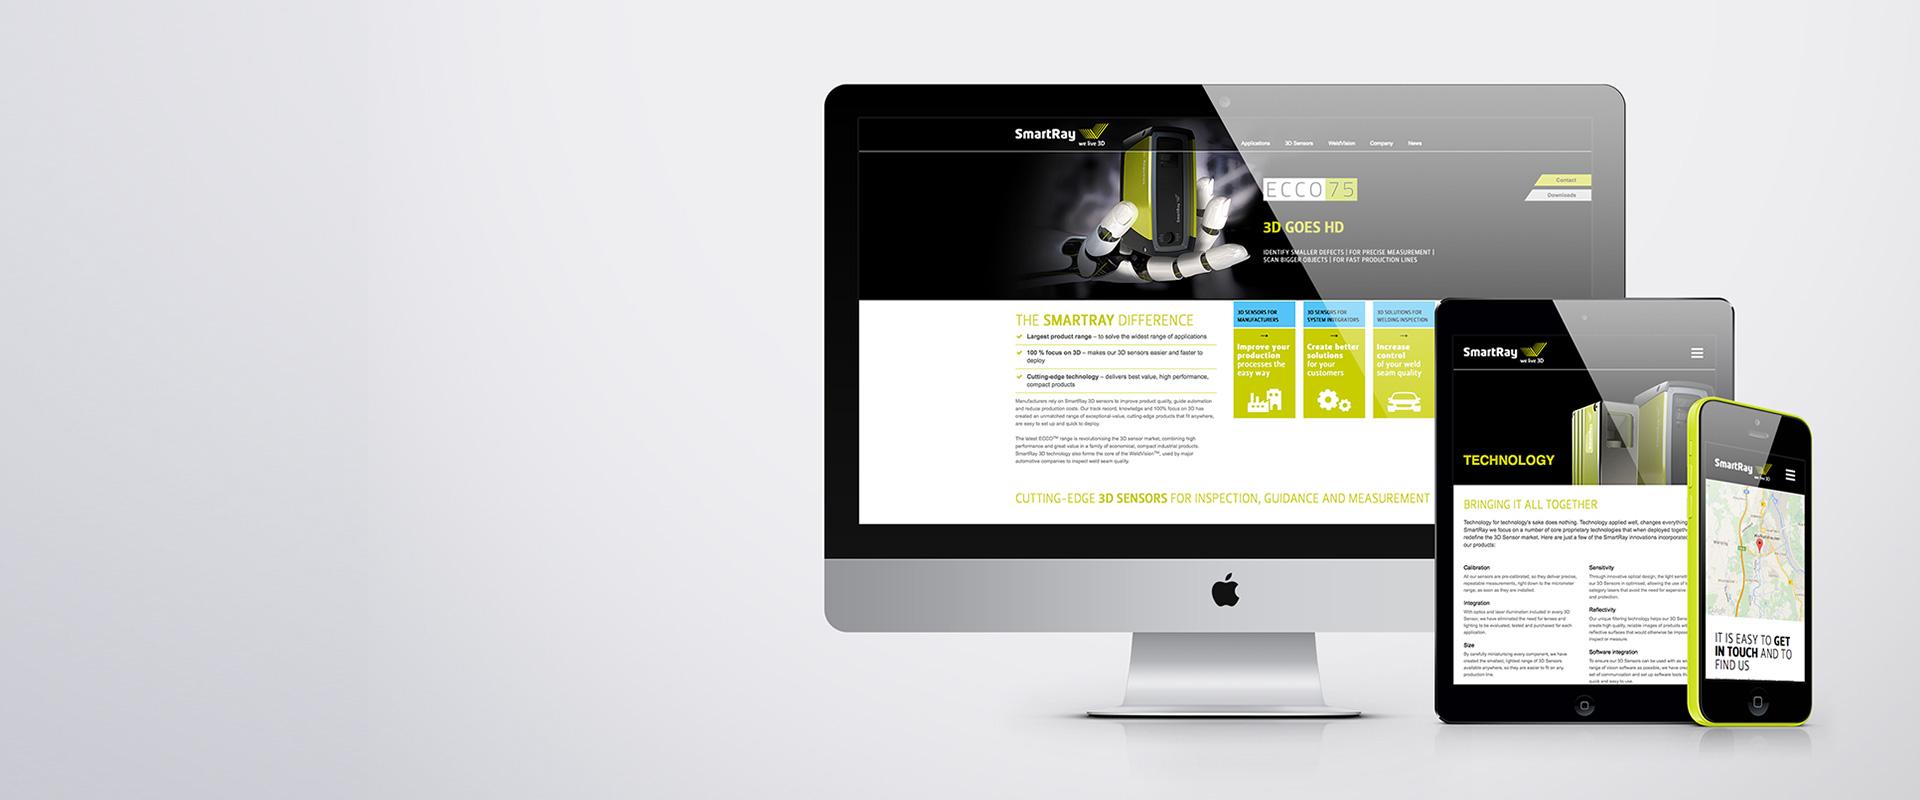 Webdesign für SpartRay GmbH